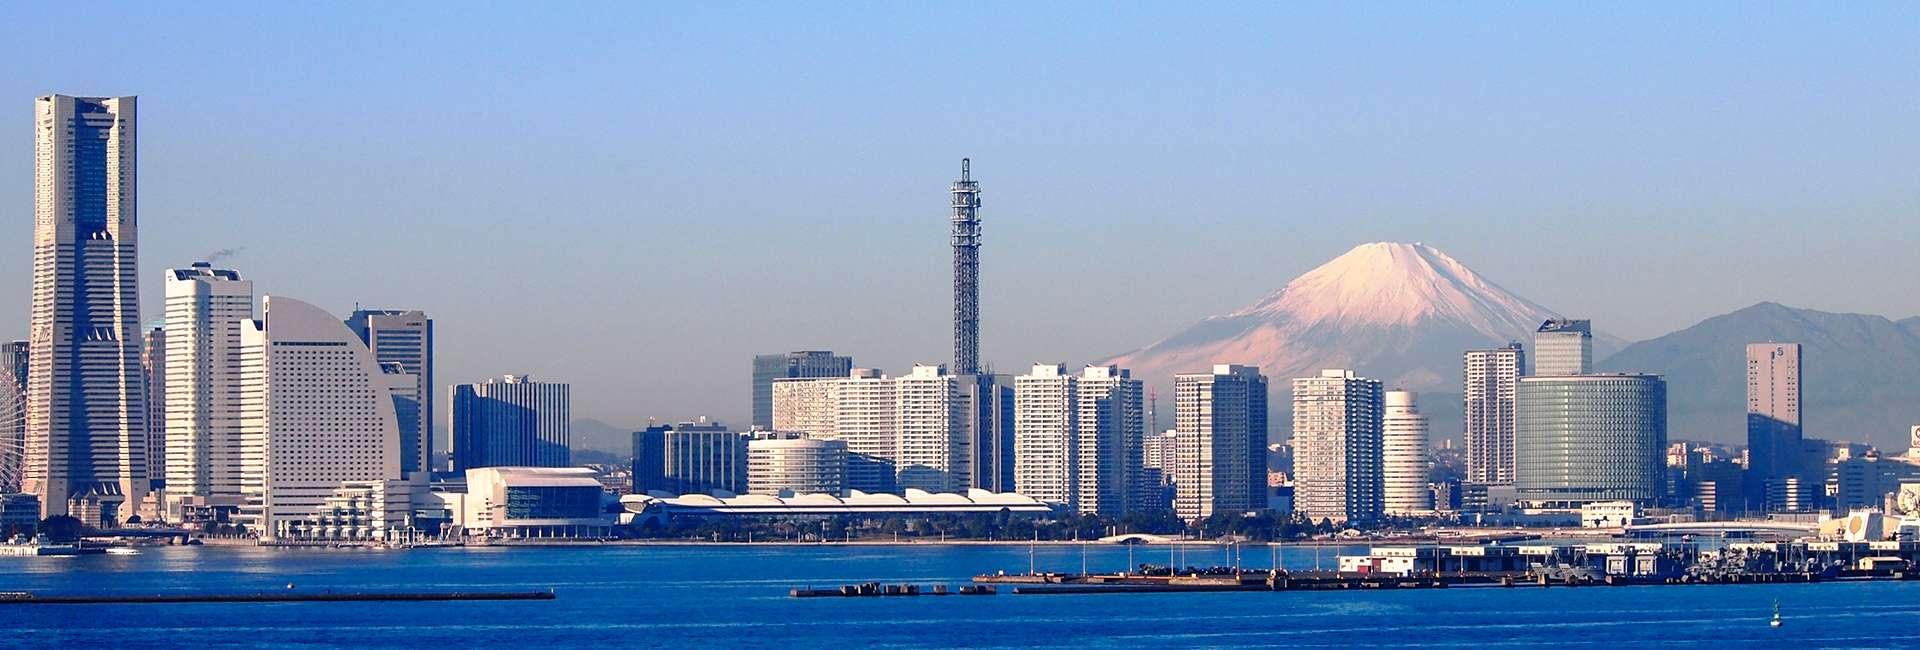 Yokohama in Japan and Mount Fuji